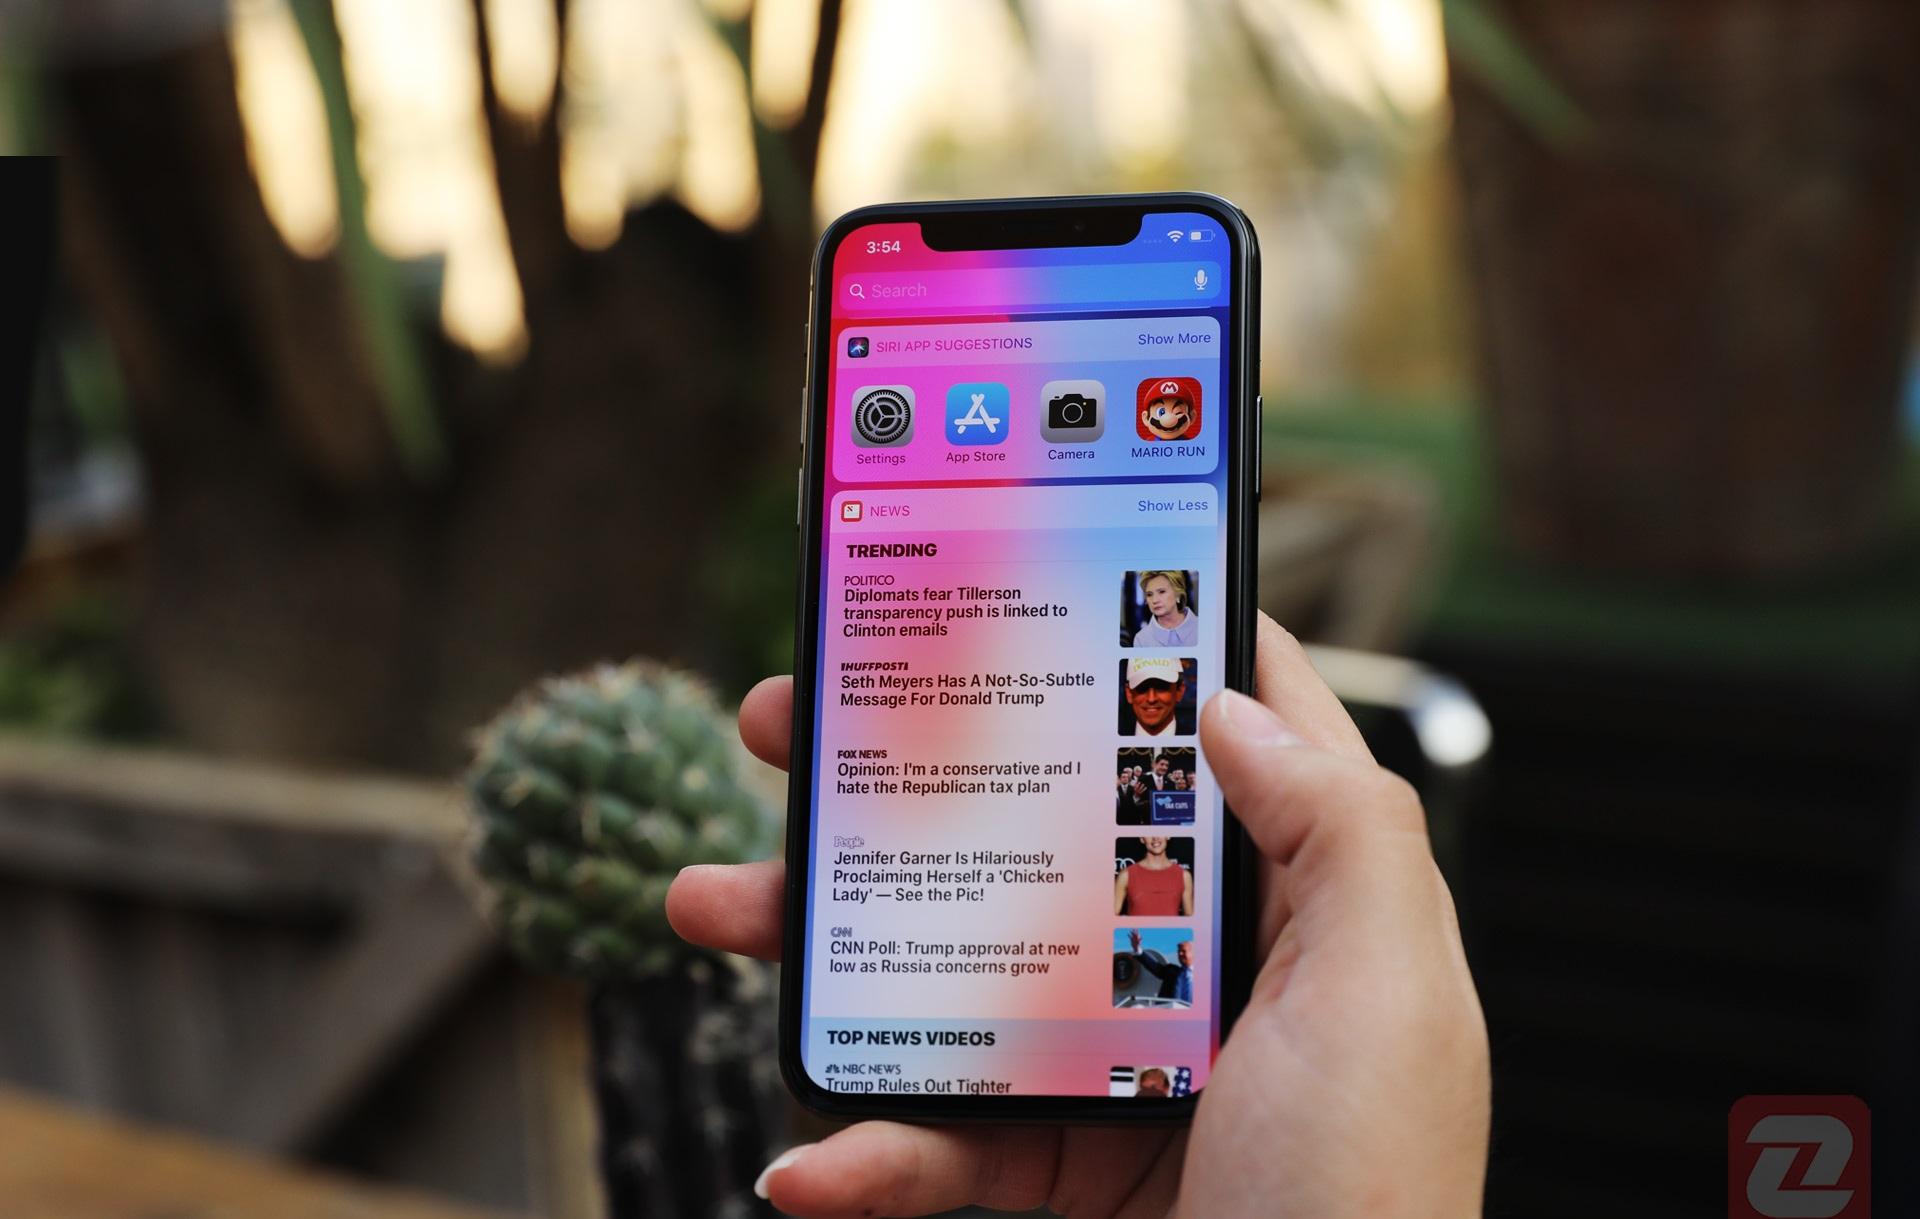 اپلیکیشنهای ایرانی بازهم در iOS مسدود شدند